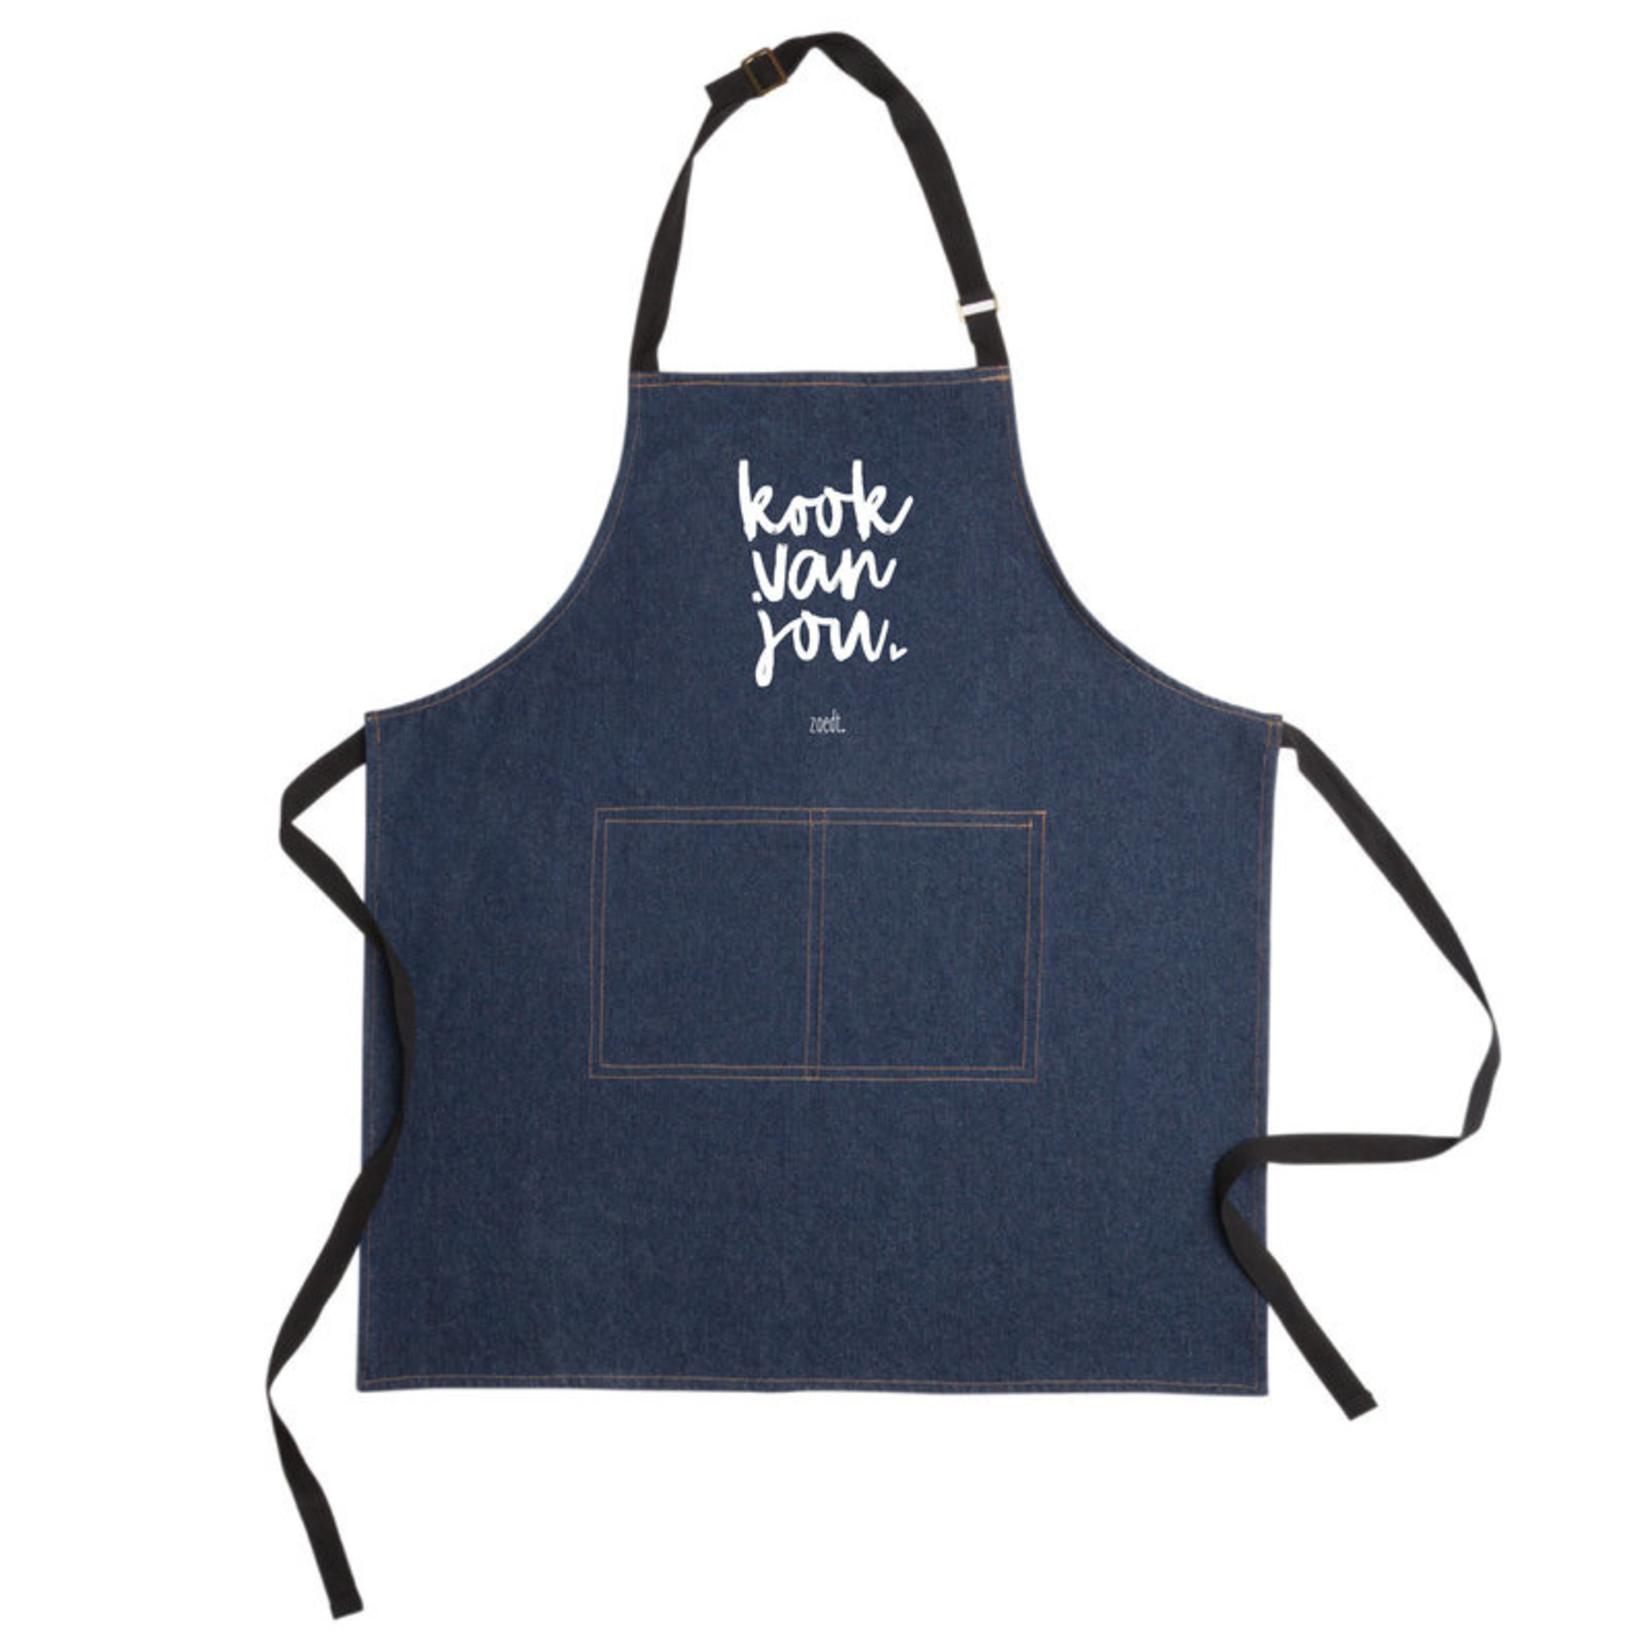 Denim keukenschort 'Kook van jou'